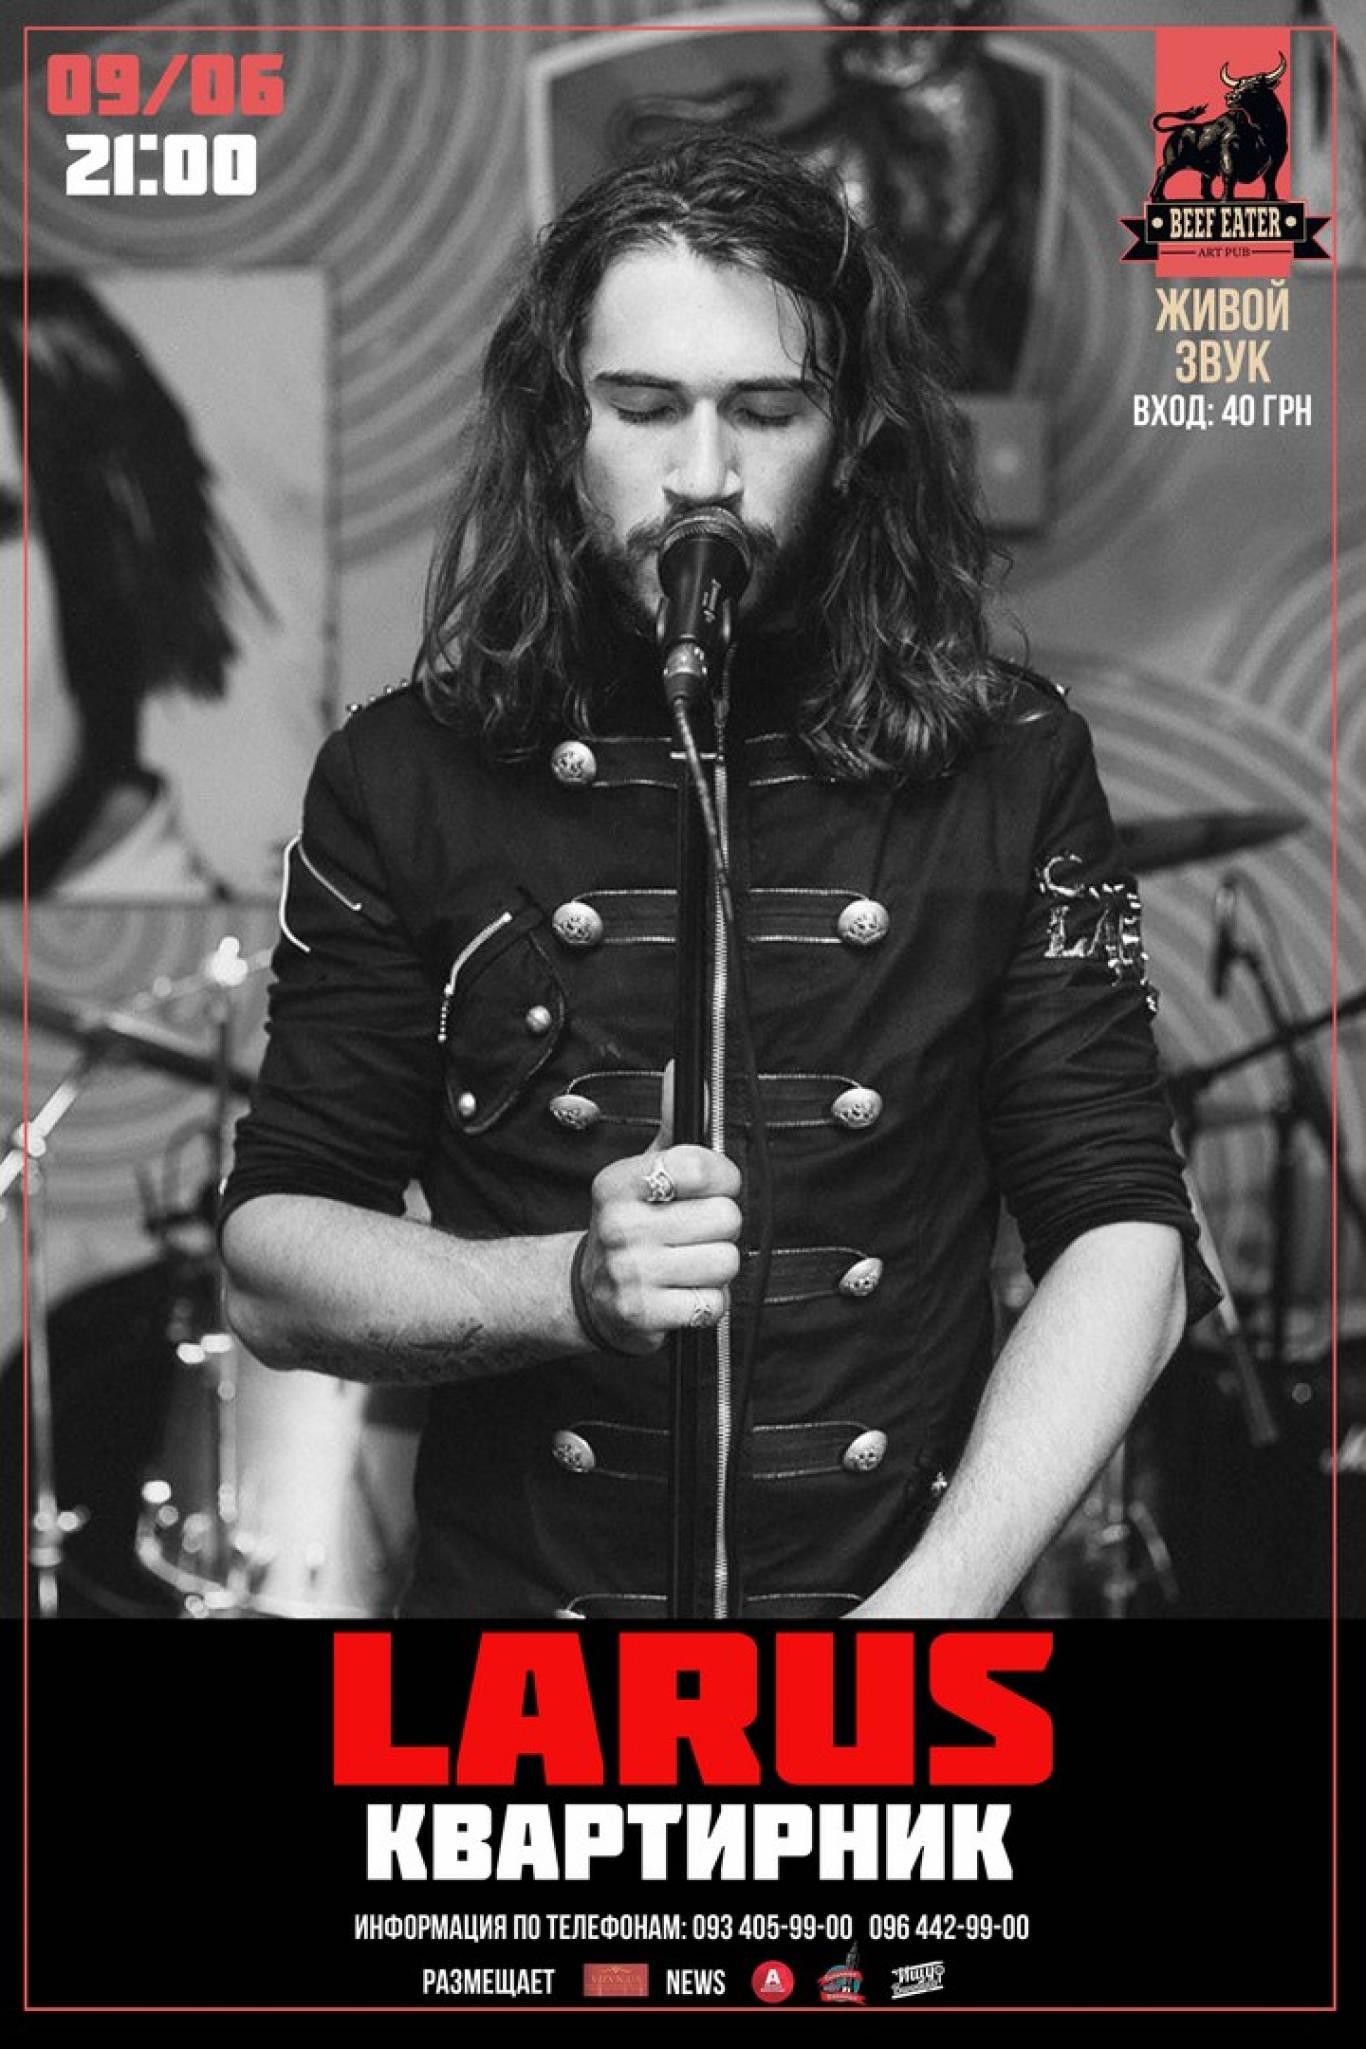 Музичний квартирник від гурту Larus